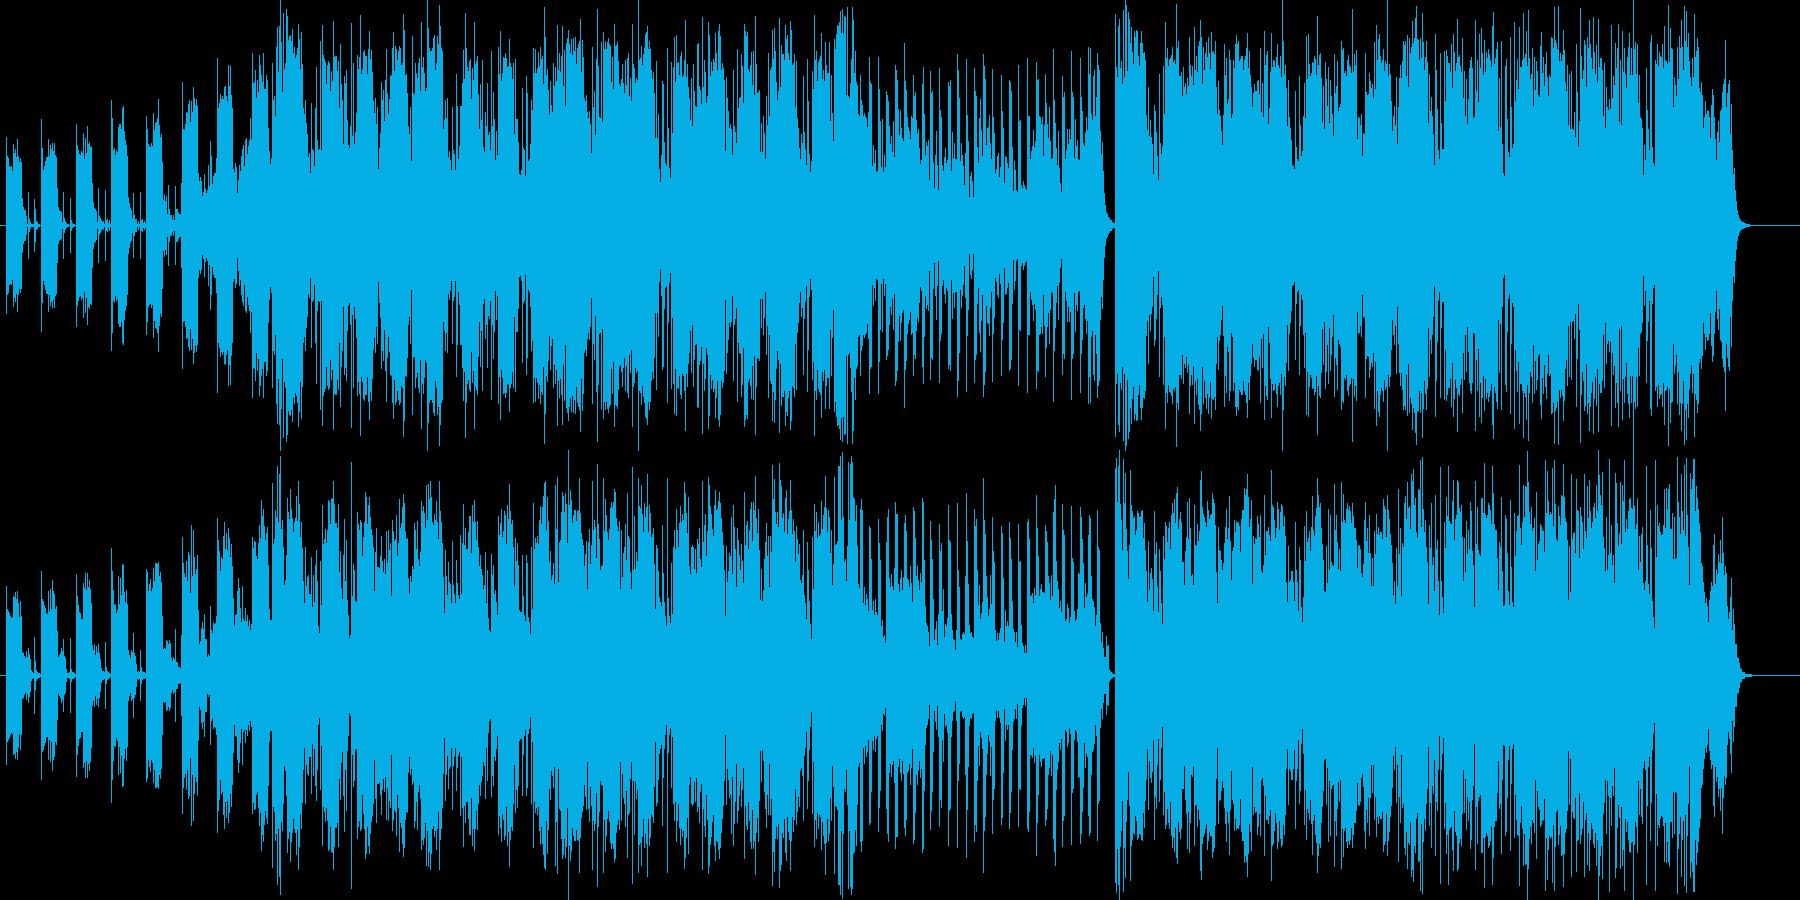 何かの事件を追っているようなイメージの曲の再生済みの波形